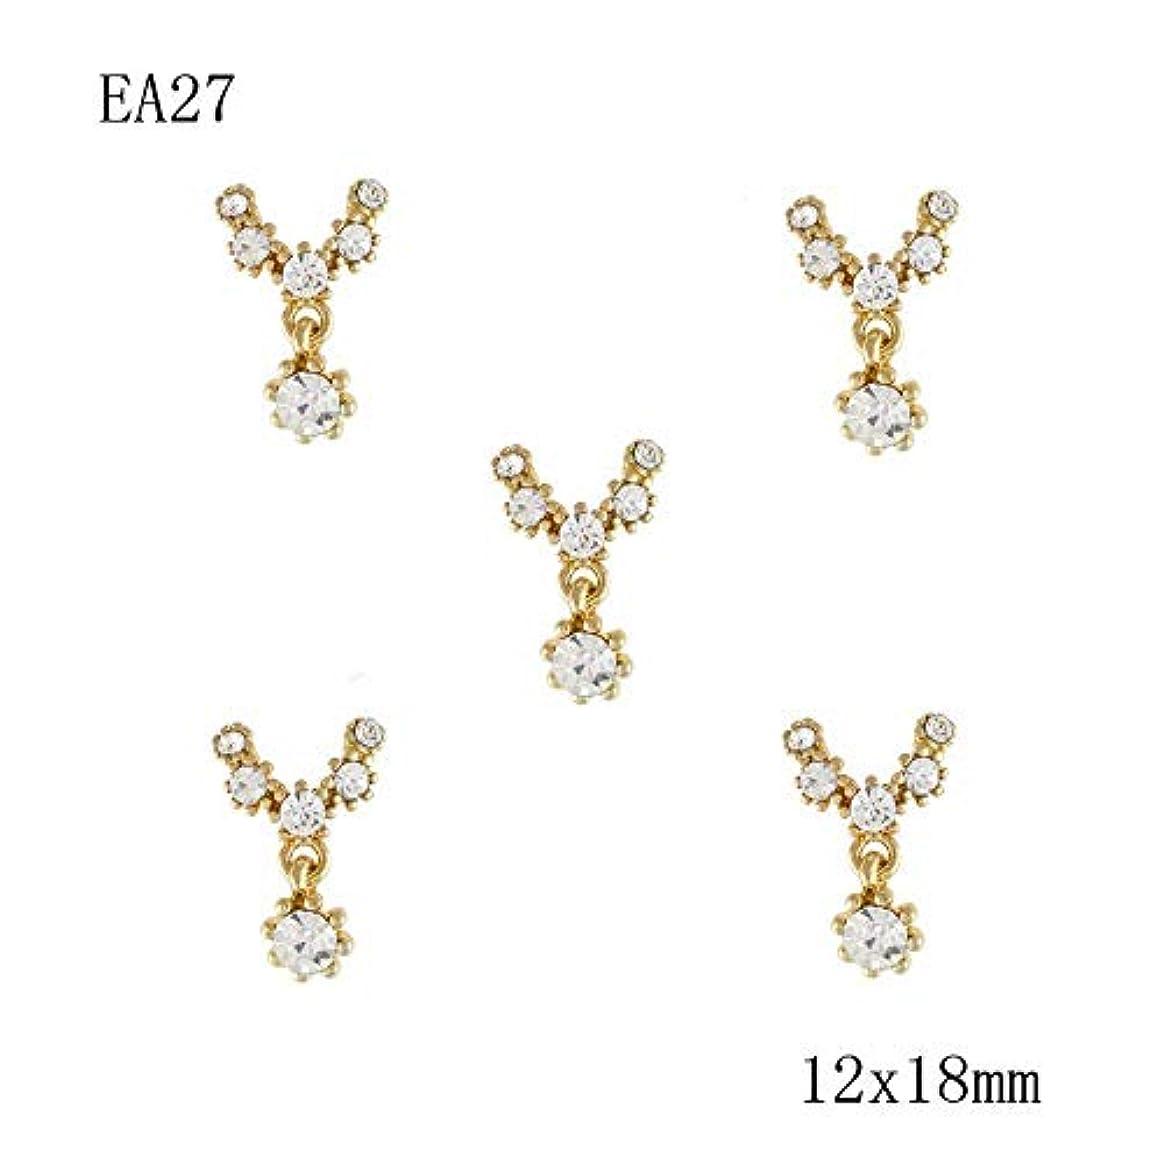 不調和魅力的であることへのアピール嫌がる10PCS金銀金属の3Dダイヤモンドネイルアートクリスマスの装飾の魅力の爪は、ラインストーンネイル用品の宝石クリスマスのキラキラ,21